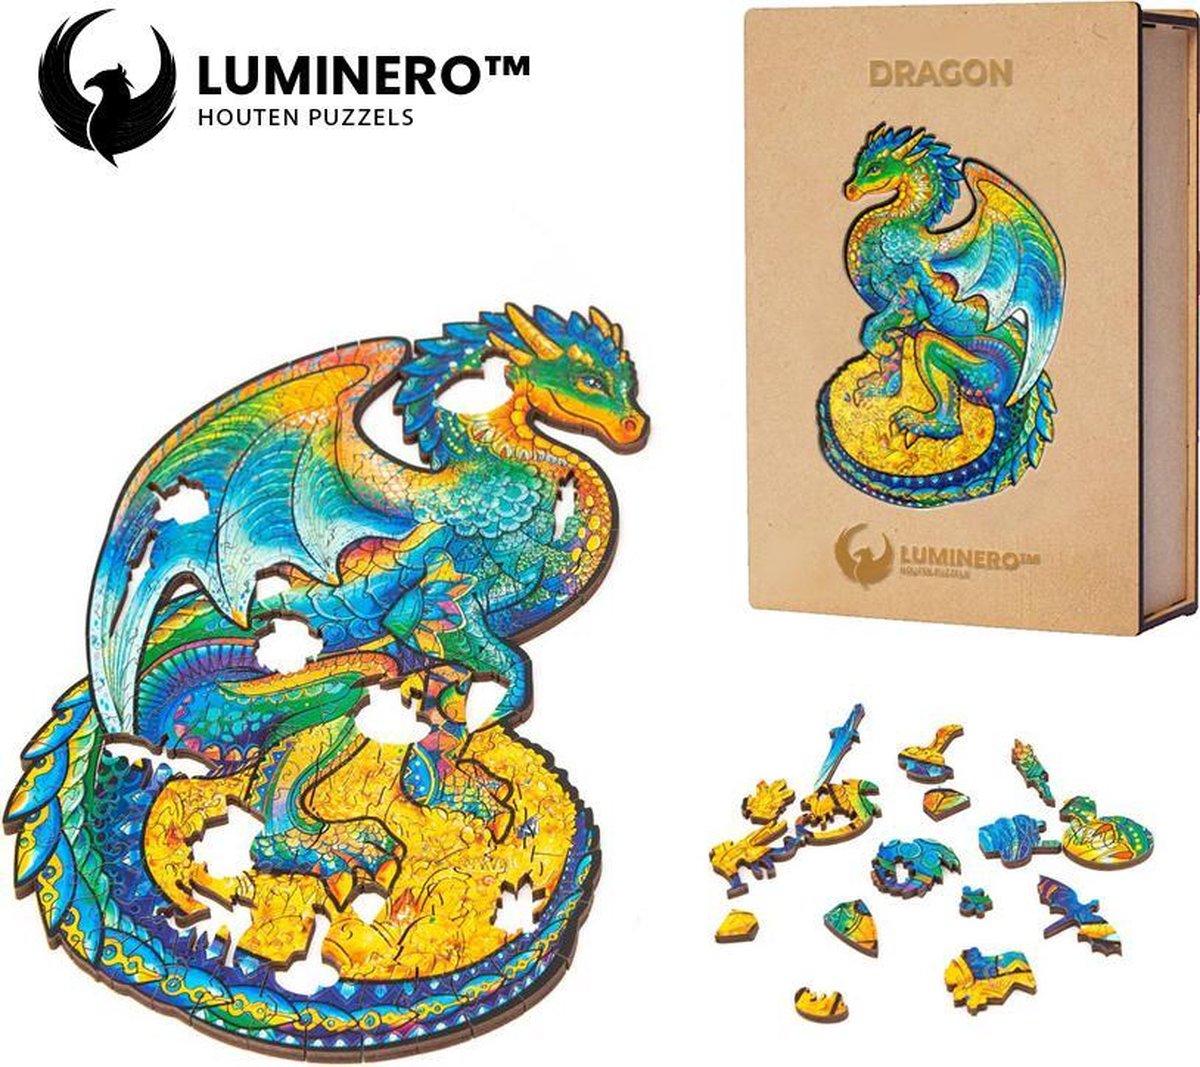 Luminero™ Houten Draak Jigsaw Puzzel - A4 Formaat Jigsaw - Unieke 3D Puzzels - Huisdecoratie - Wooden Puzzle - Volwassenen & Kinderen - Incl. Houten Doos